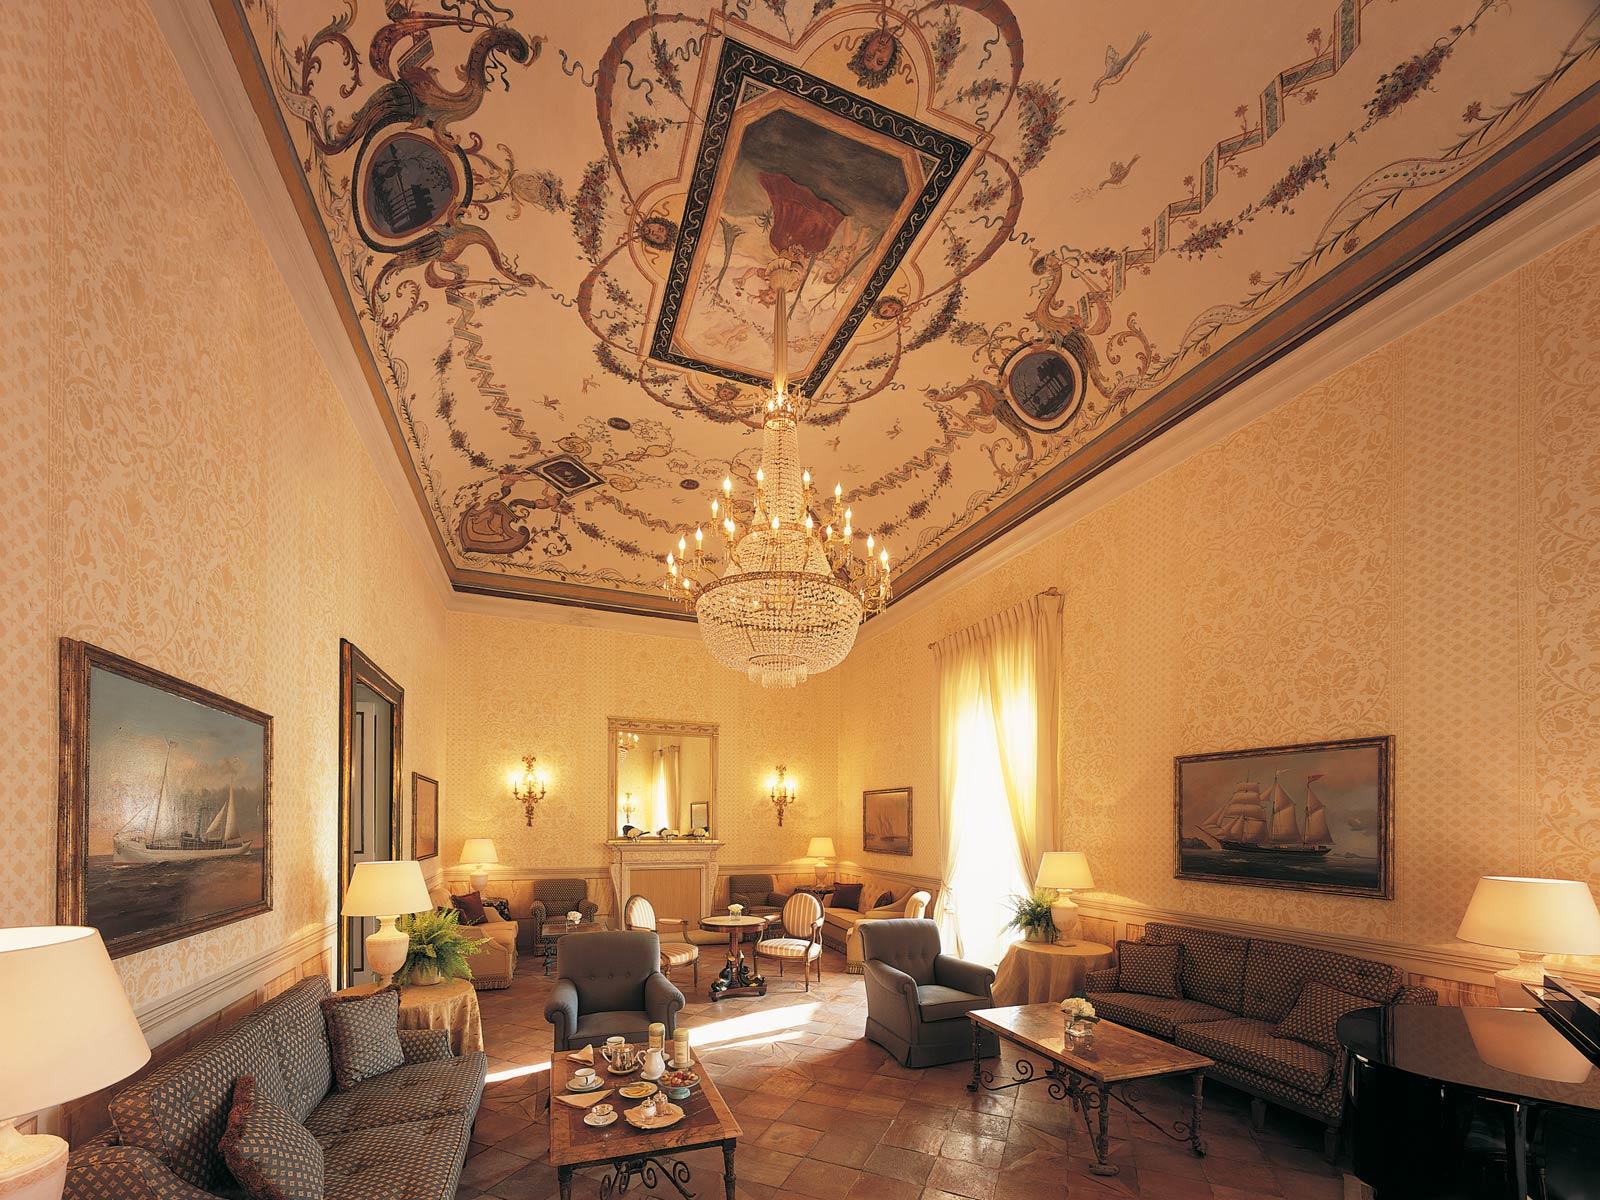 Arredamenti di lusso made in italy per ville hotel e for Arredamenti interni per yacht